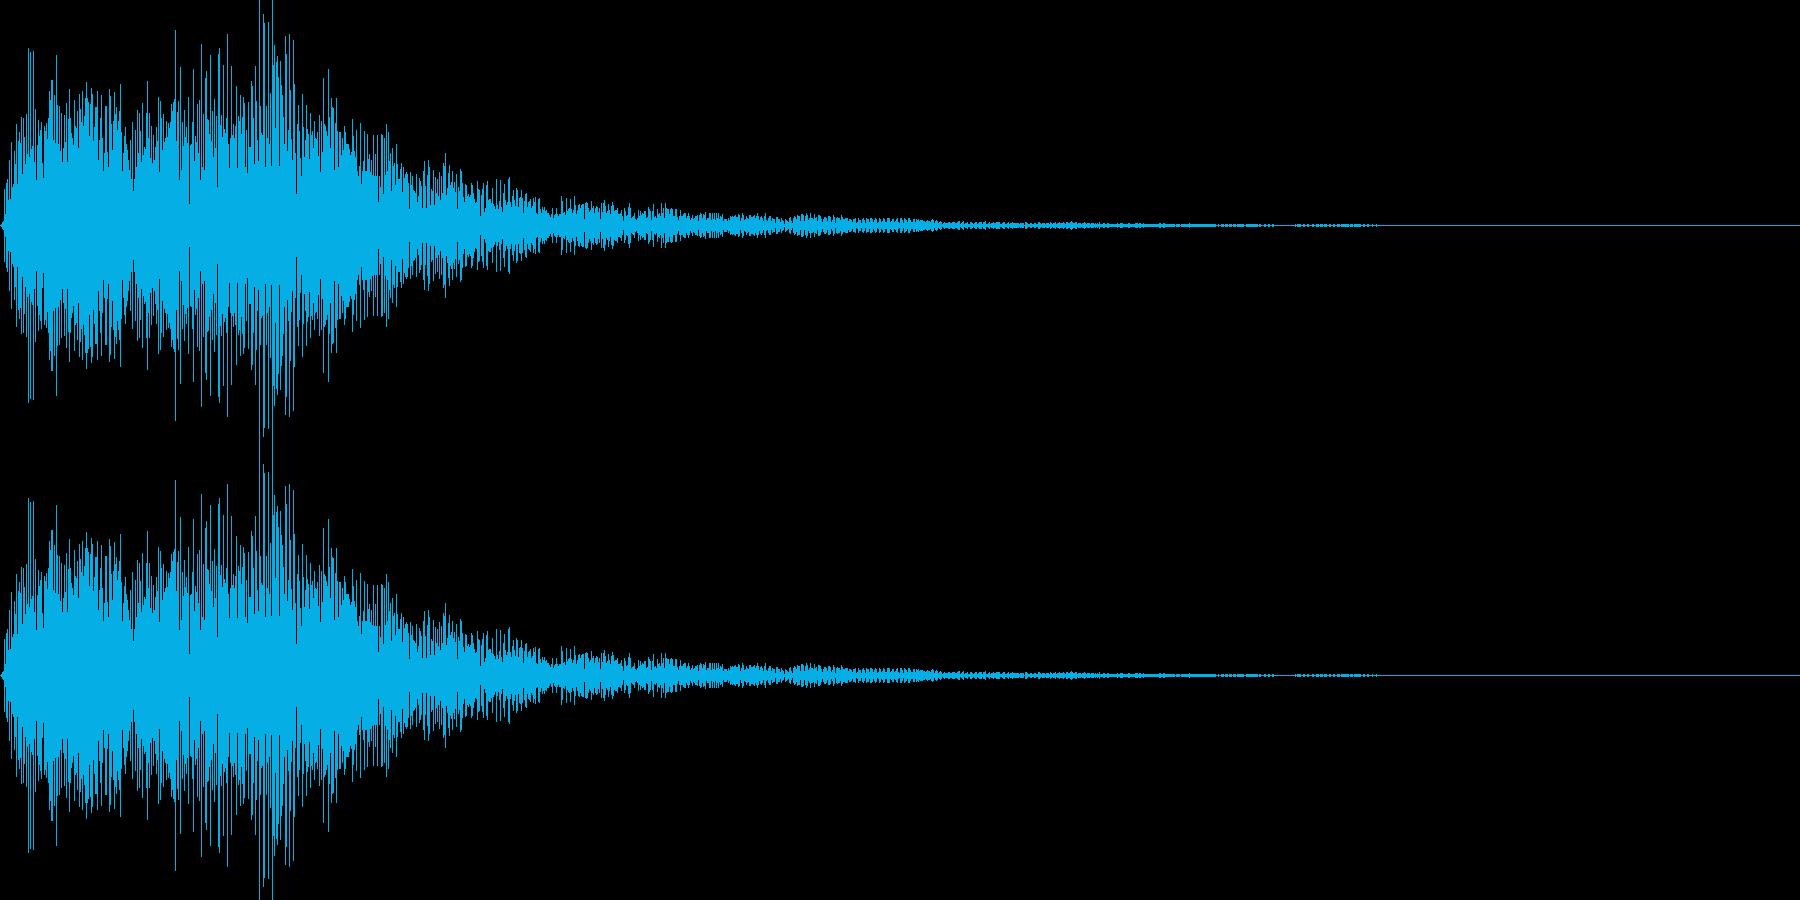 デデーン1 (クイズ出題系 音程低め)の再生済みの波形